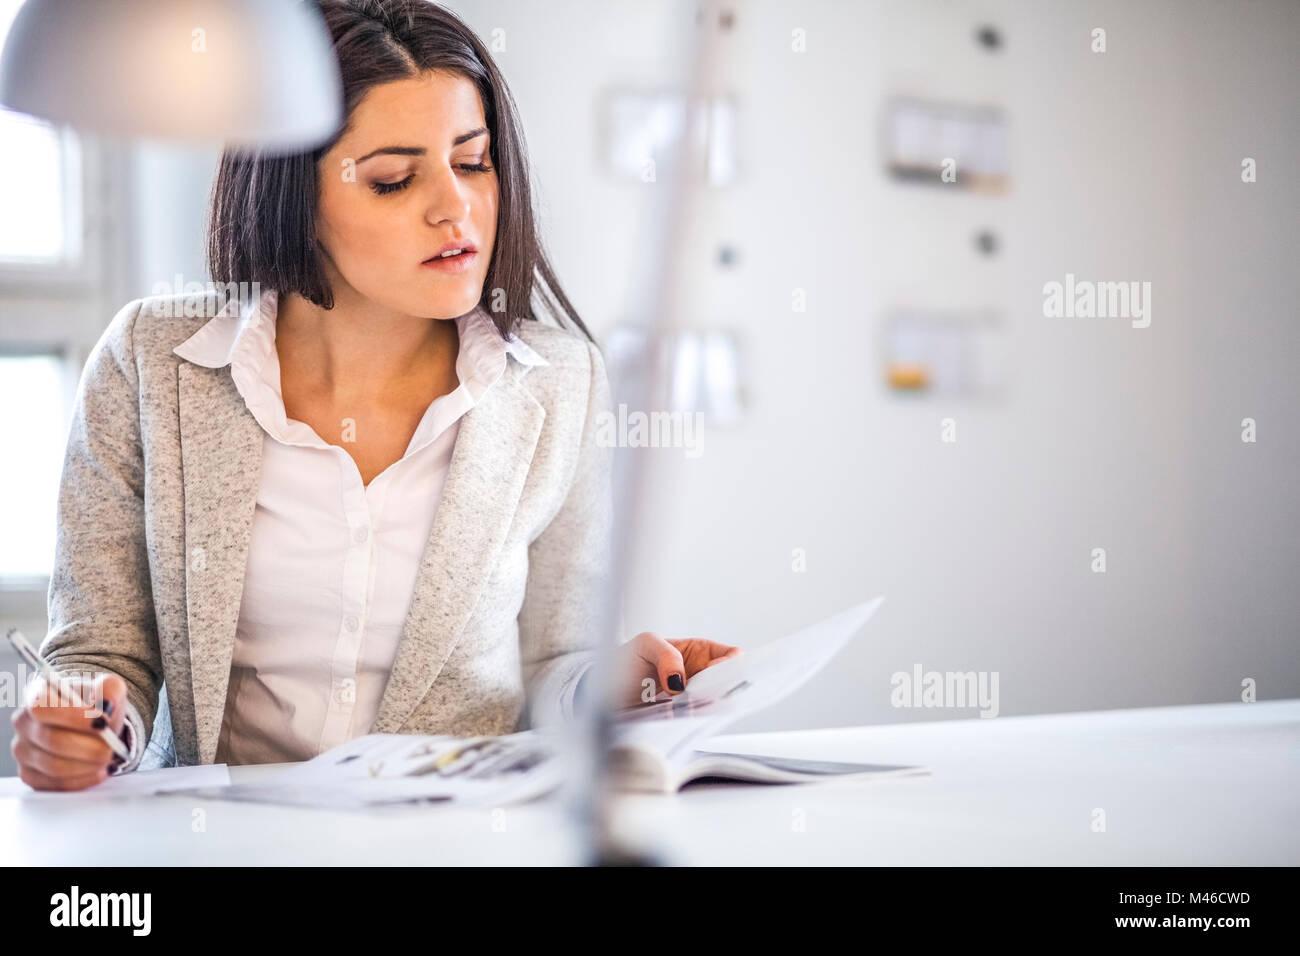 La empresaria leyendo folleto mientras toma notas en la oficina Imagen De Stock